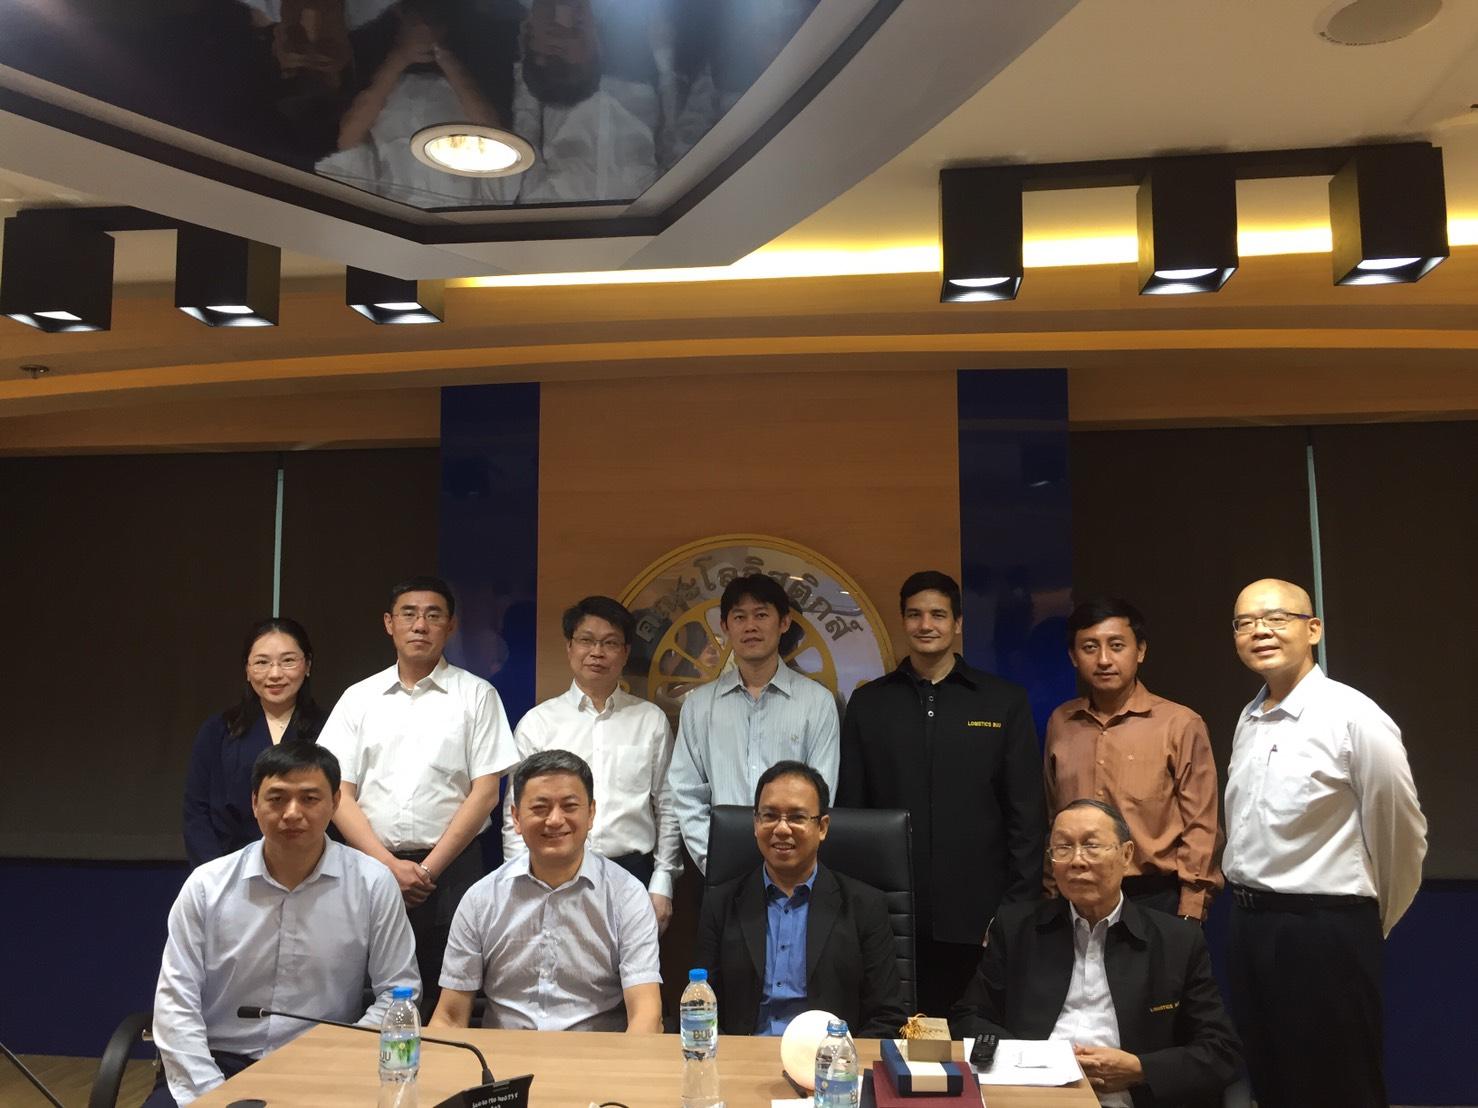 ประชุมยกร่างความร่วมมือทางวิชาการด้านโลจิสติกส์ ระหว่าง มหาวิทยาลัยบูรพา และมหาวิทยาลัยในประเทศจีน